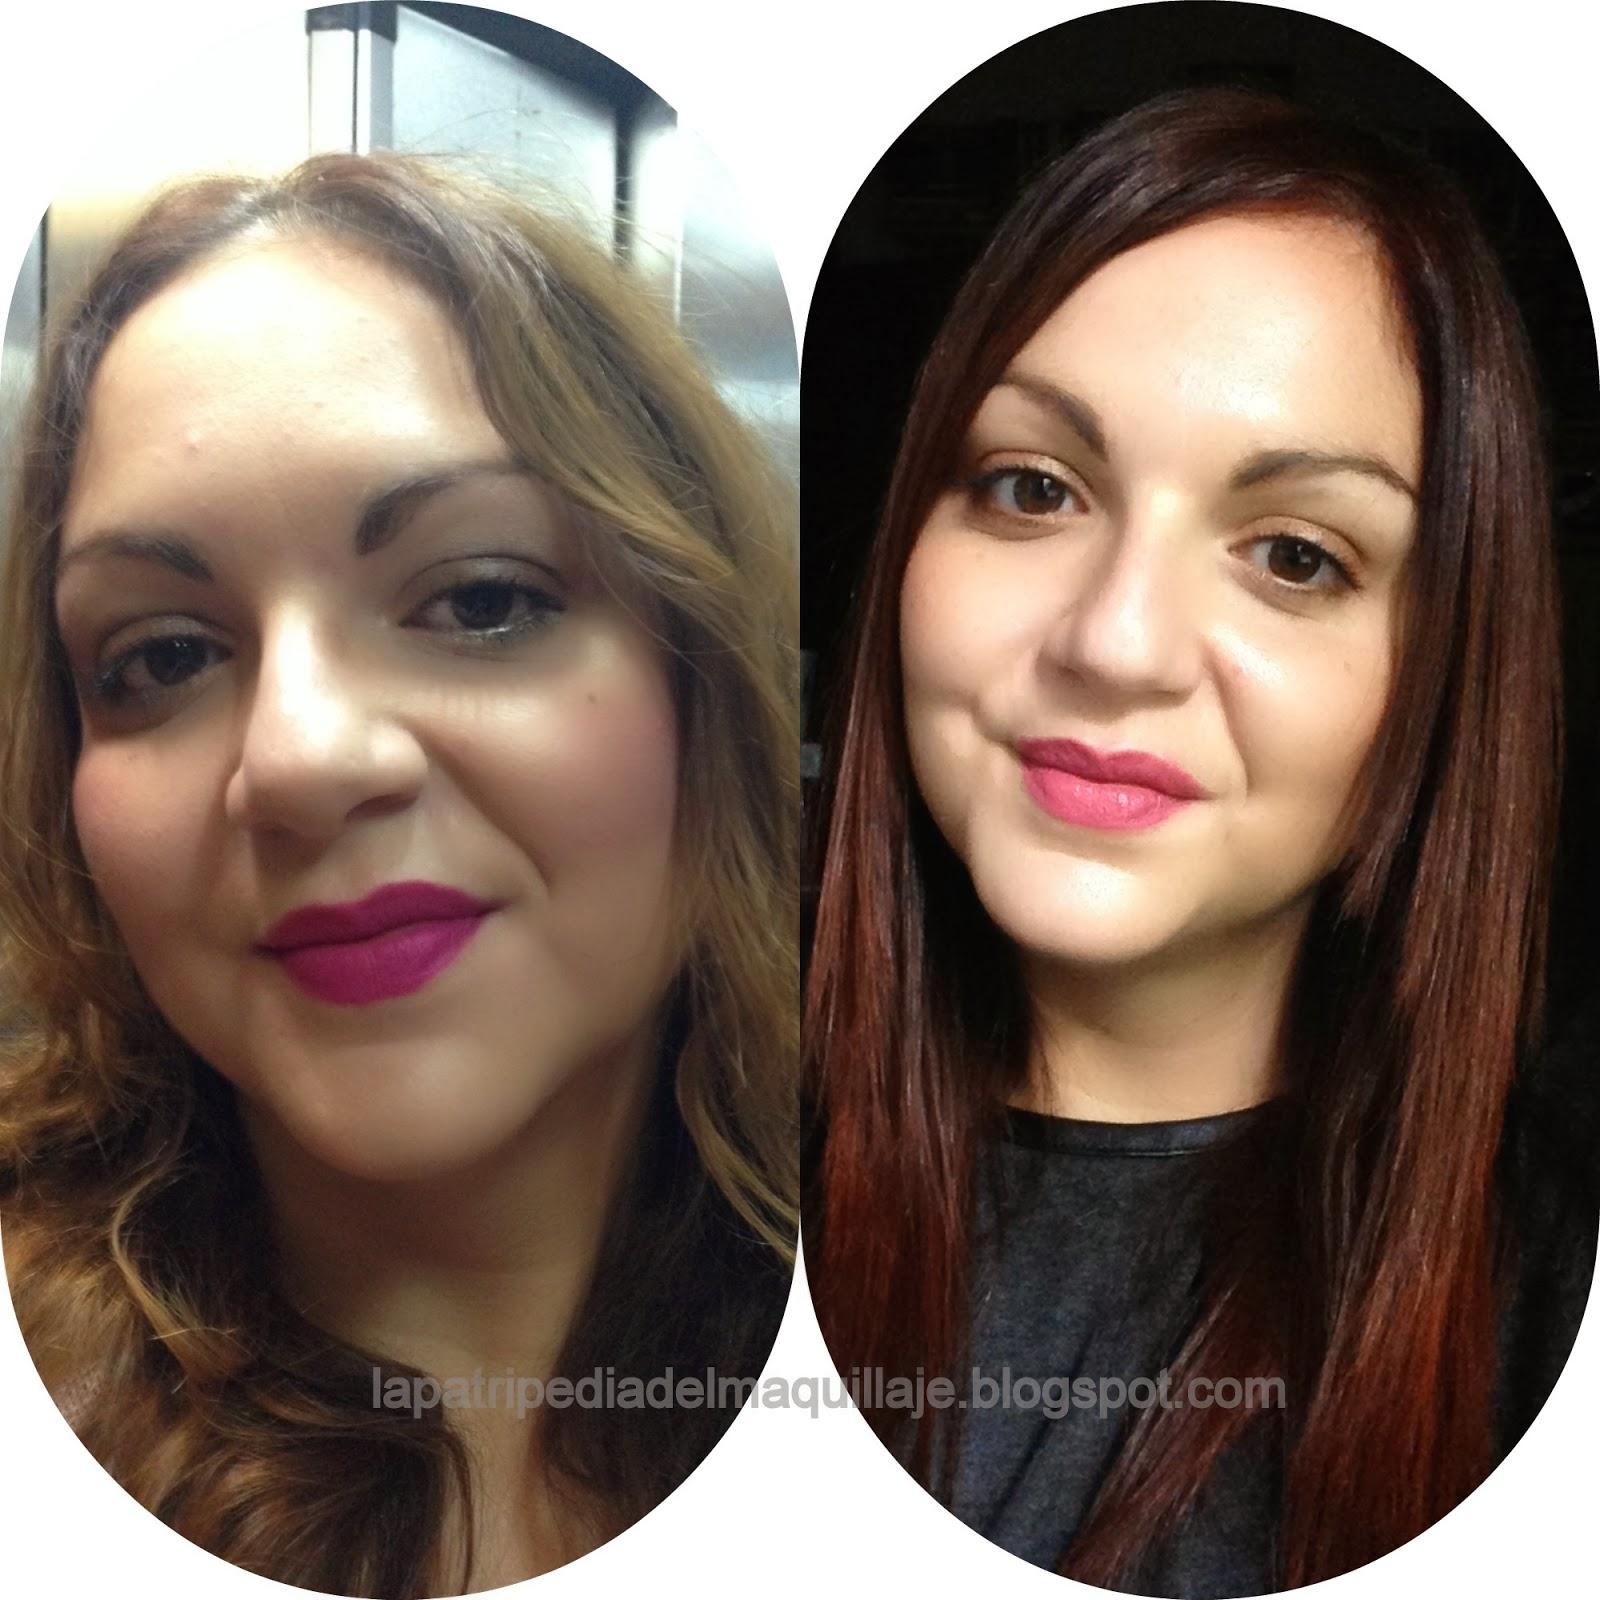 f7814d17fc LOOK Mi cambio de look cabello Octubre 2013 - La Patripedia del ...